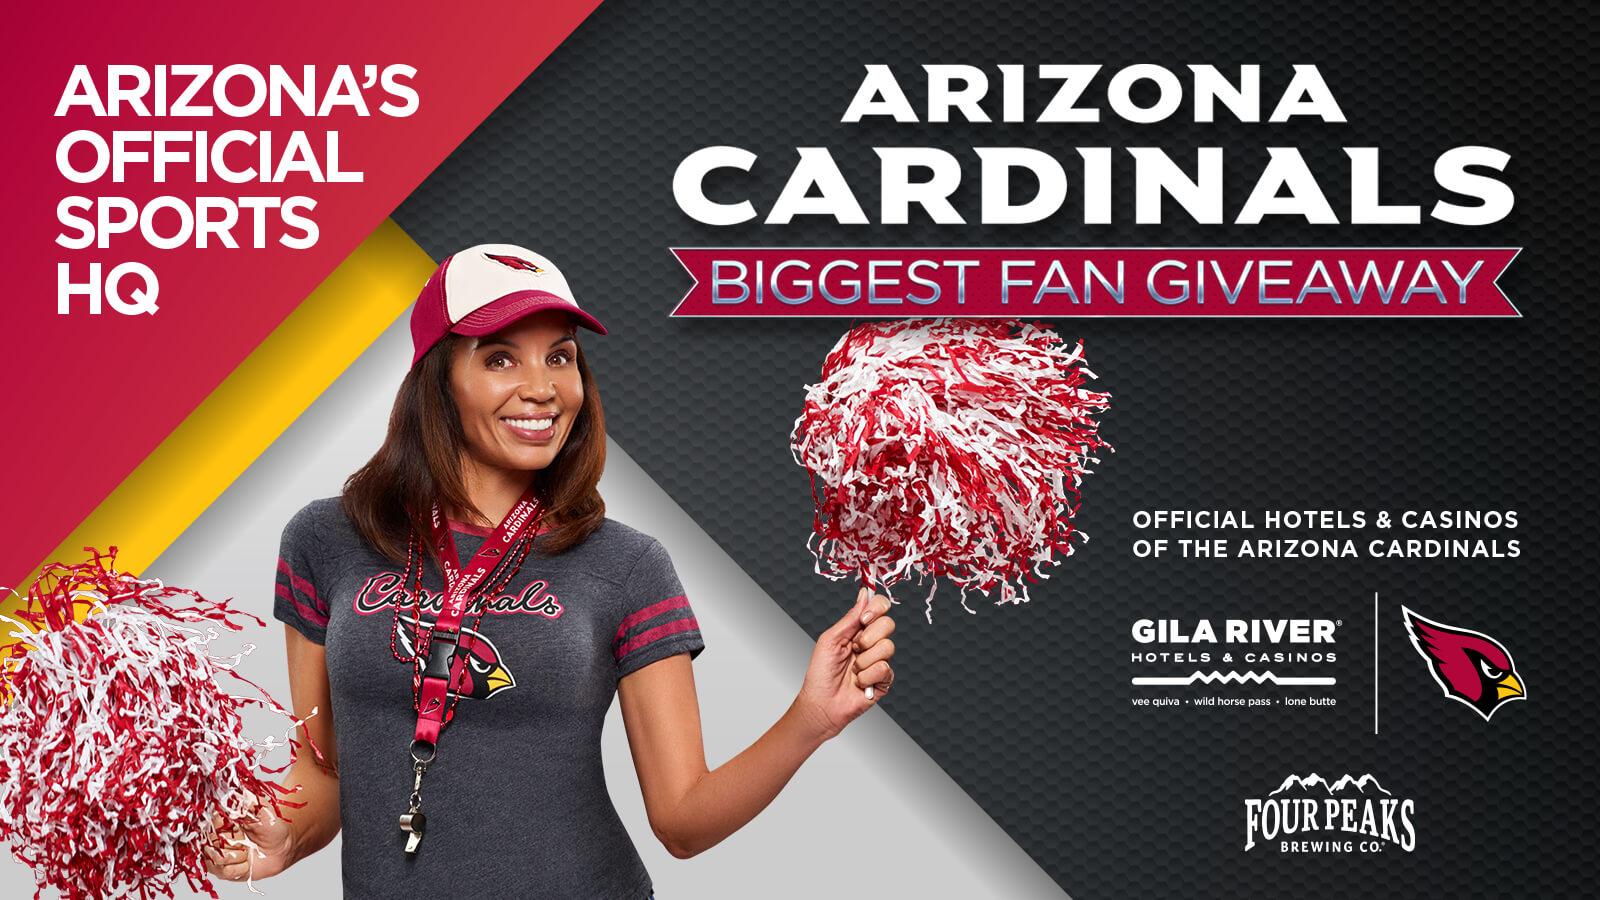 Arizona Cardinals Biggest Fan Giveaway